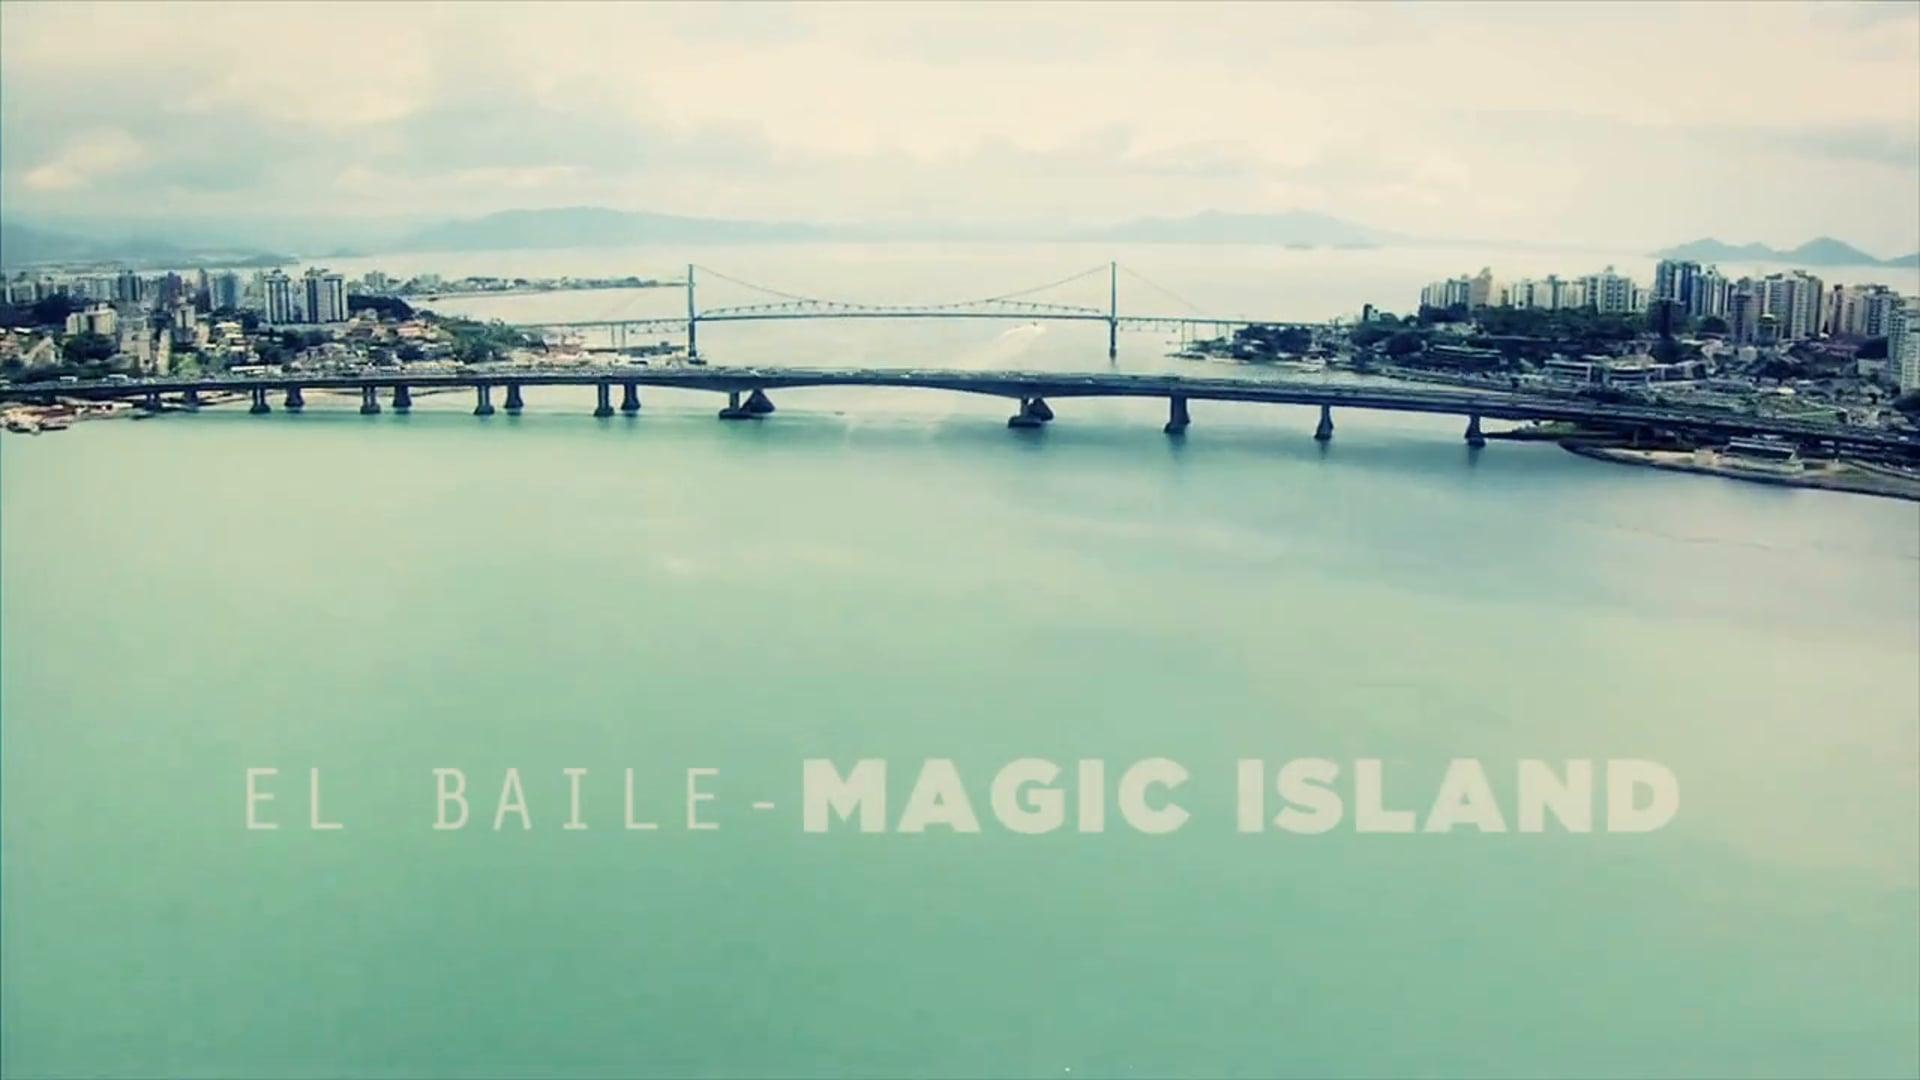 MAGIC ISLAND - El Baile